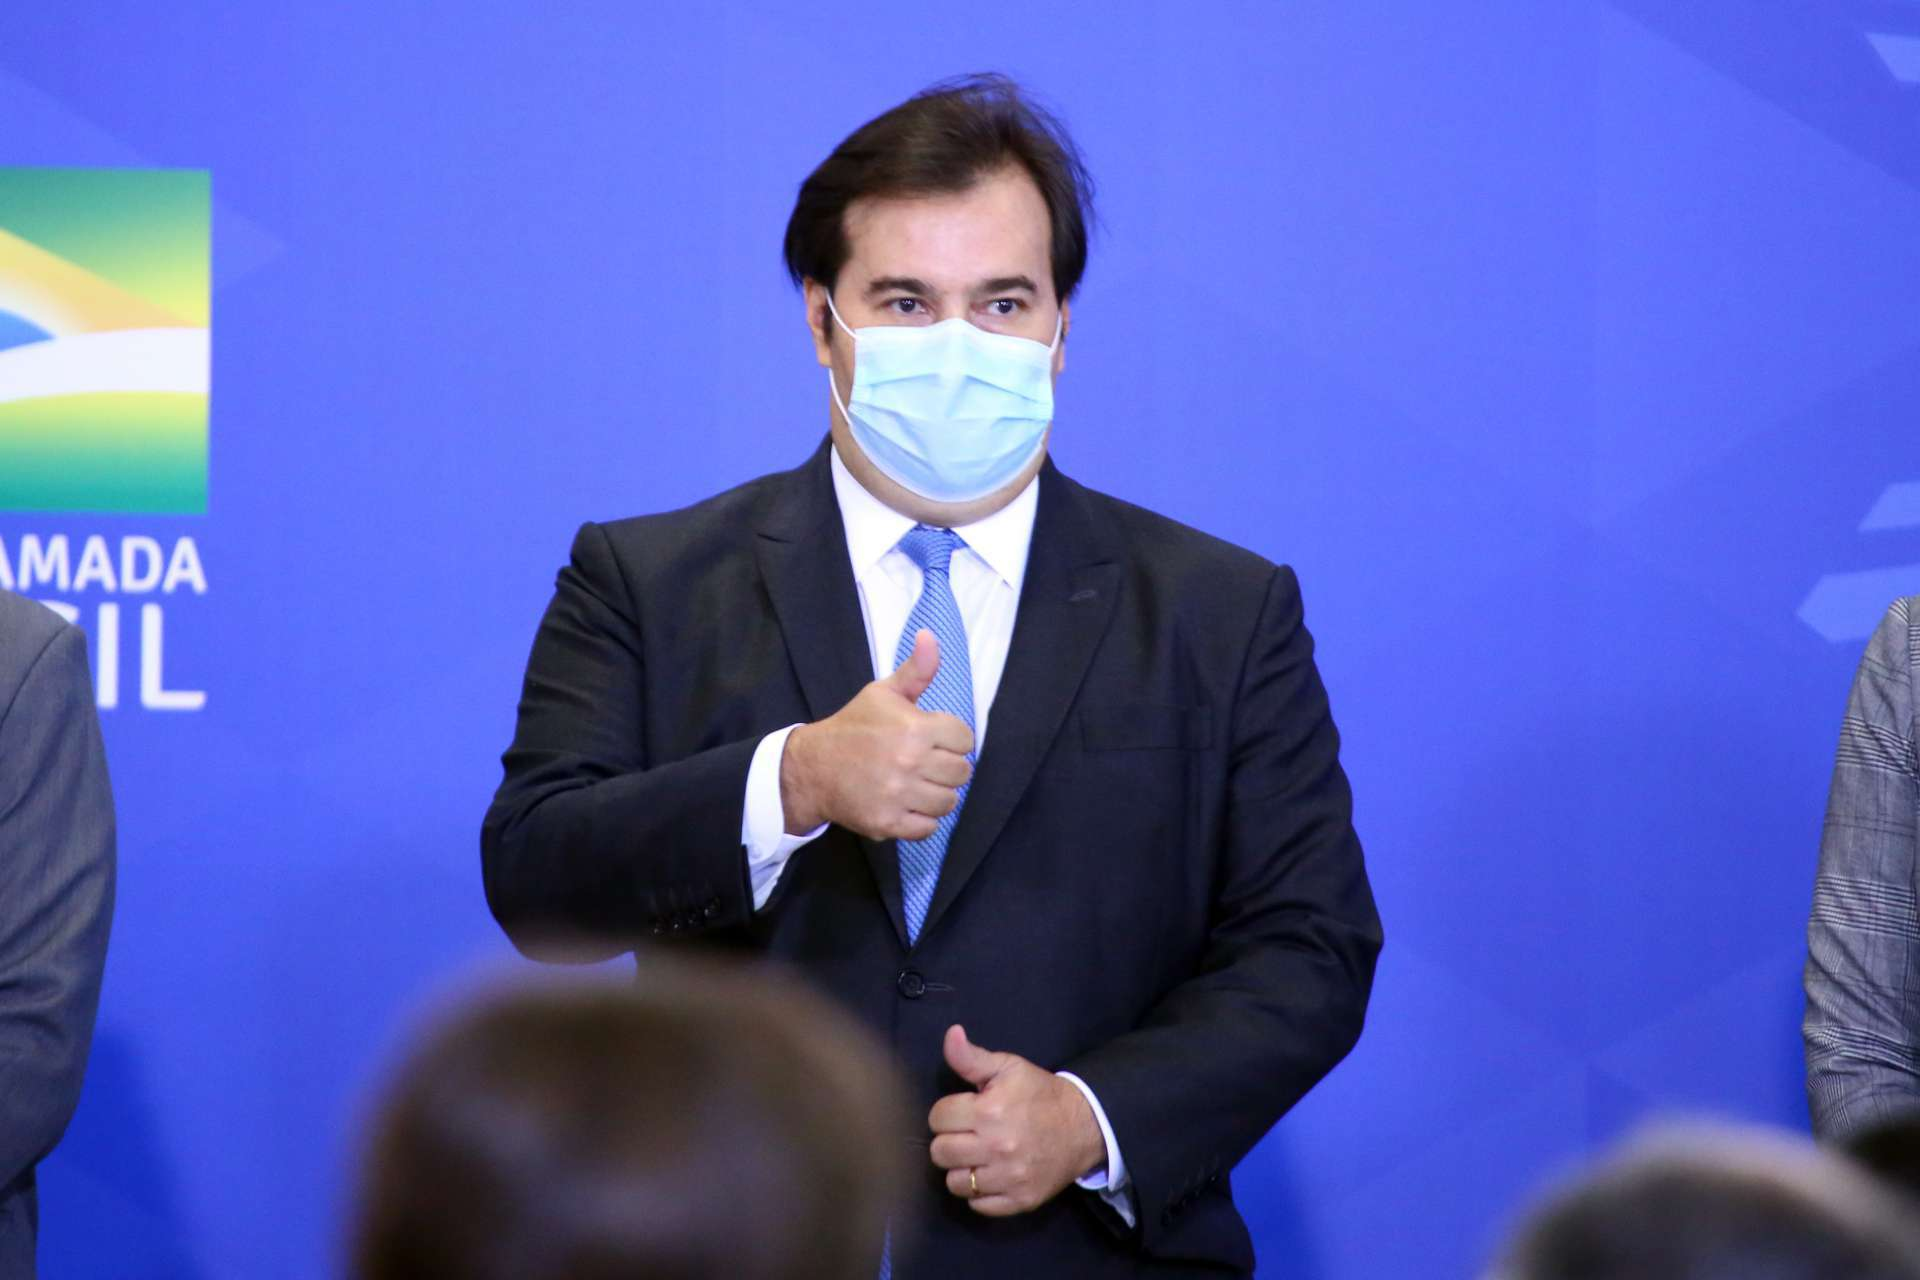 PRESIDENTE da Câmara, Rodrigo Maia reuniu lideranças para formar acordo por adiamento